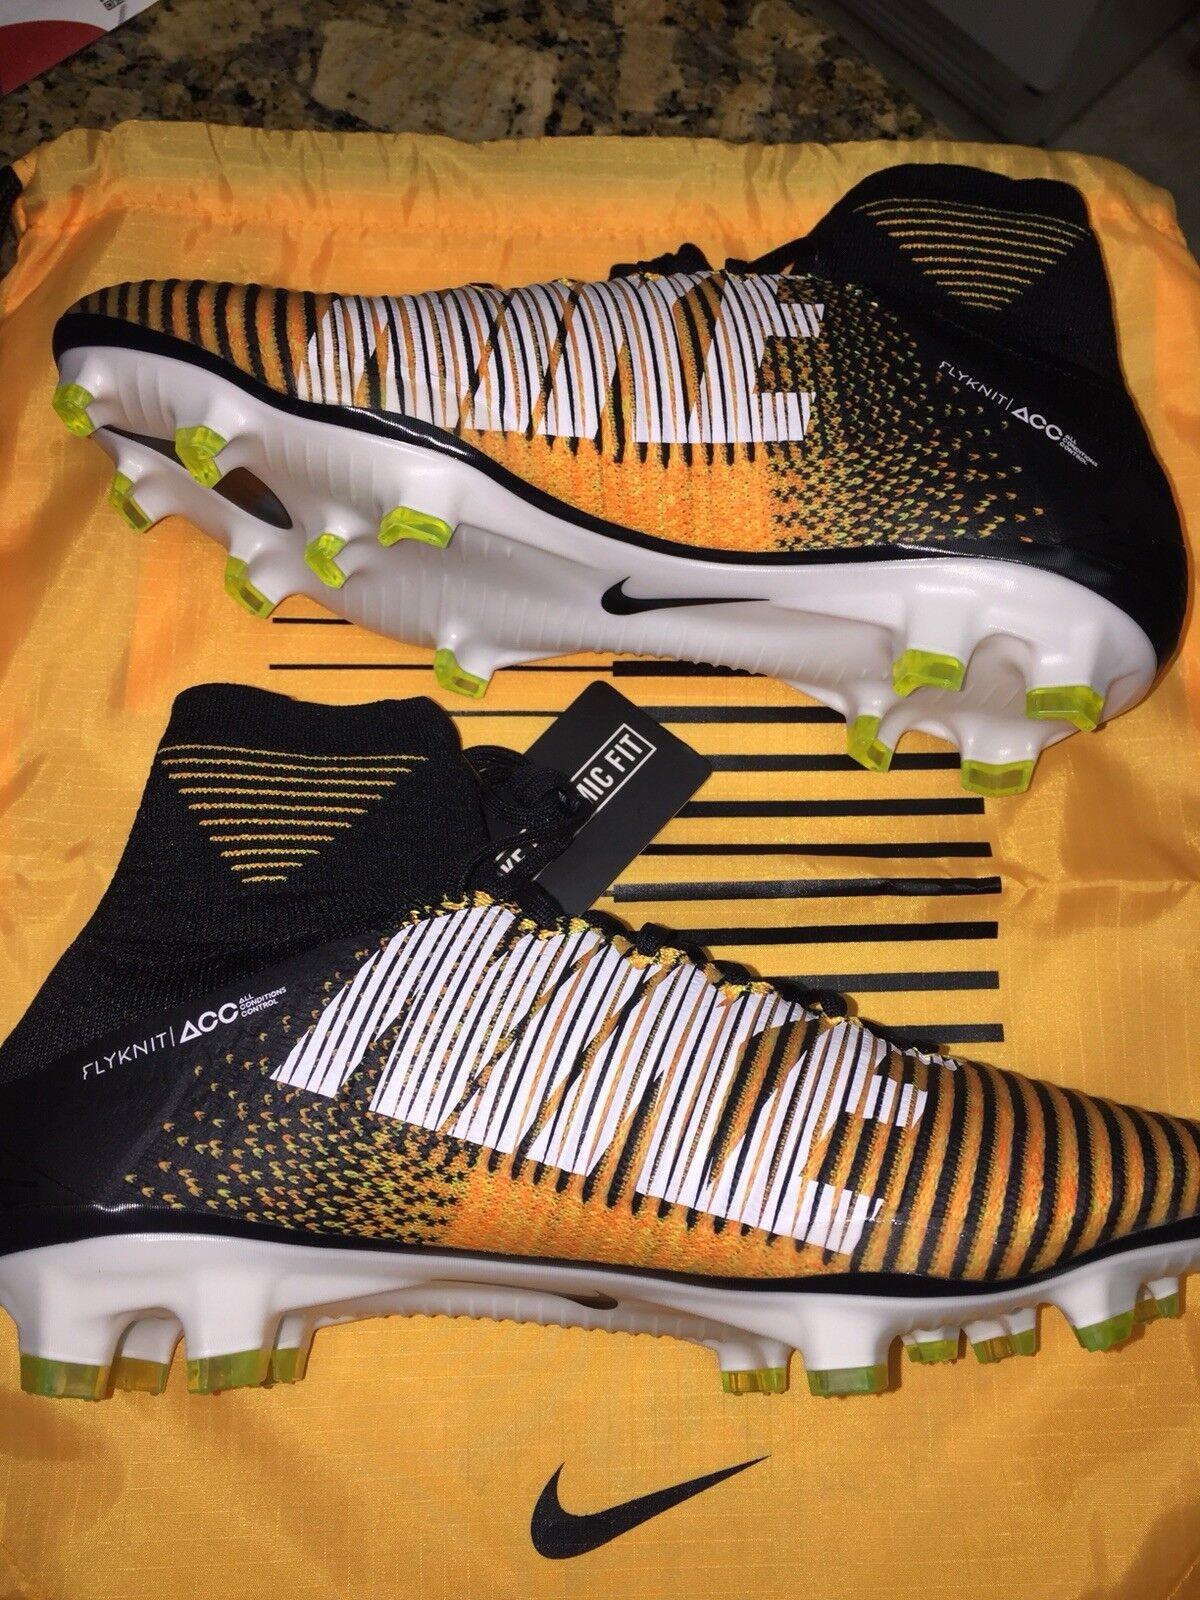 Nike volubile superfly arancio / df - fg, arancio superfly e nero taglia 10 w / fuori cassa 300 9babf6